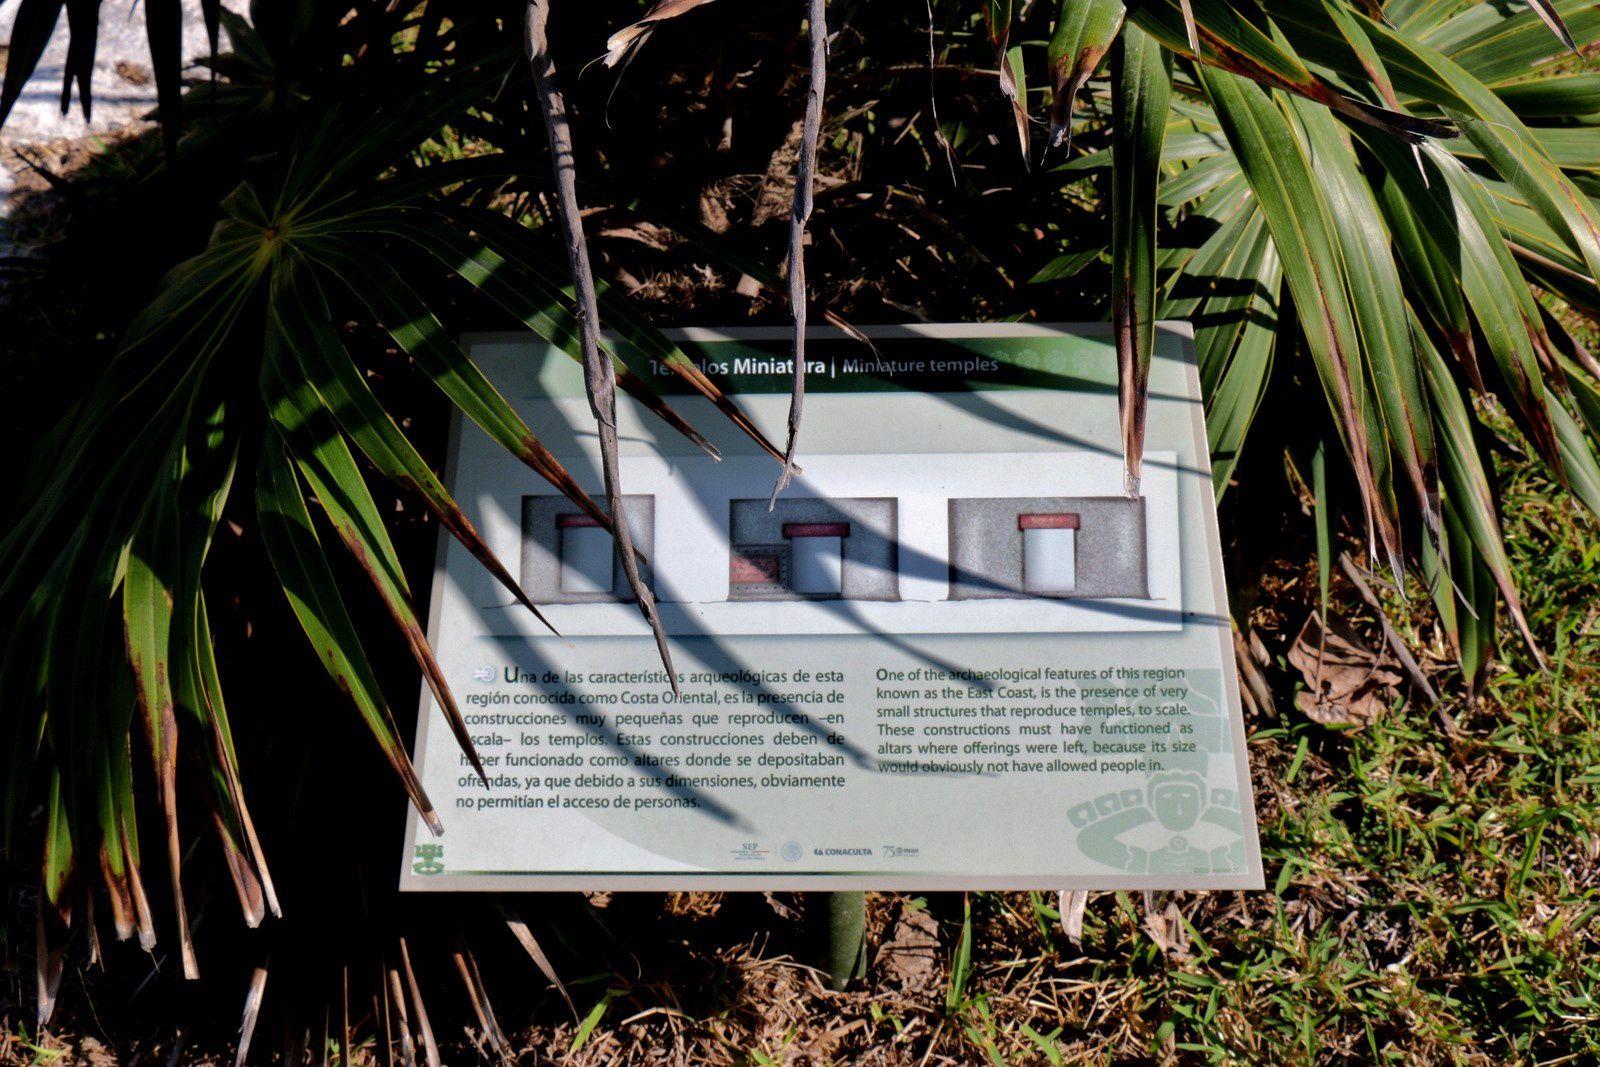 Temple miniature, site archéologique de Tulum (Mexique)